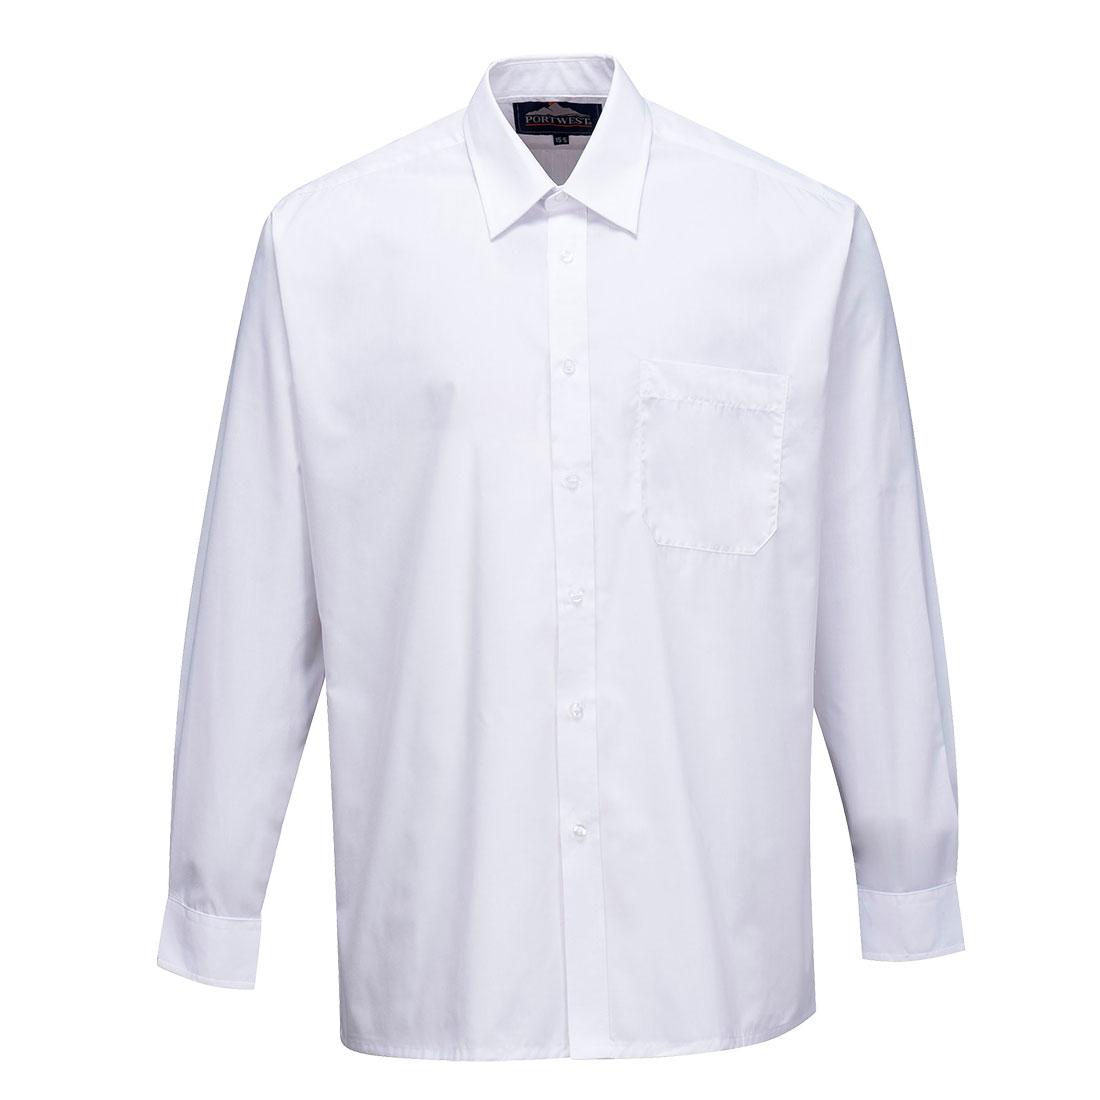 Classic Shirt Long Slv. White 190R